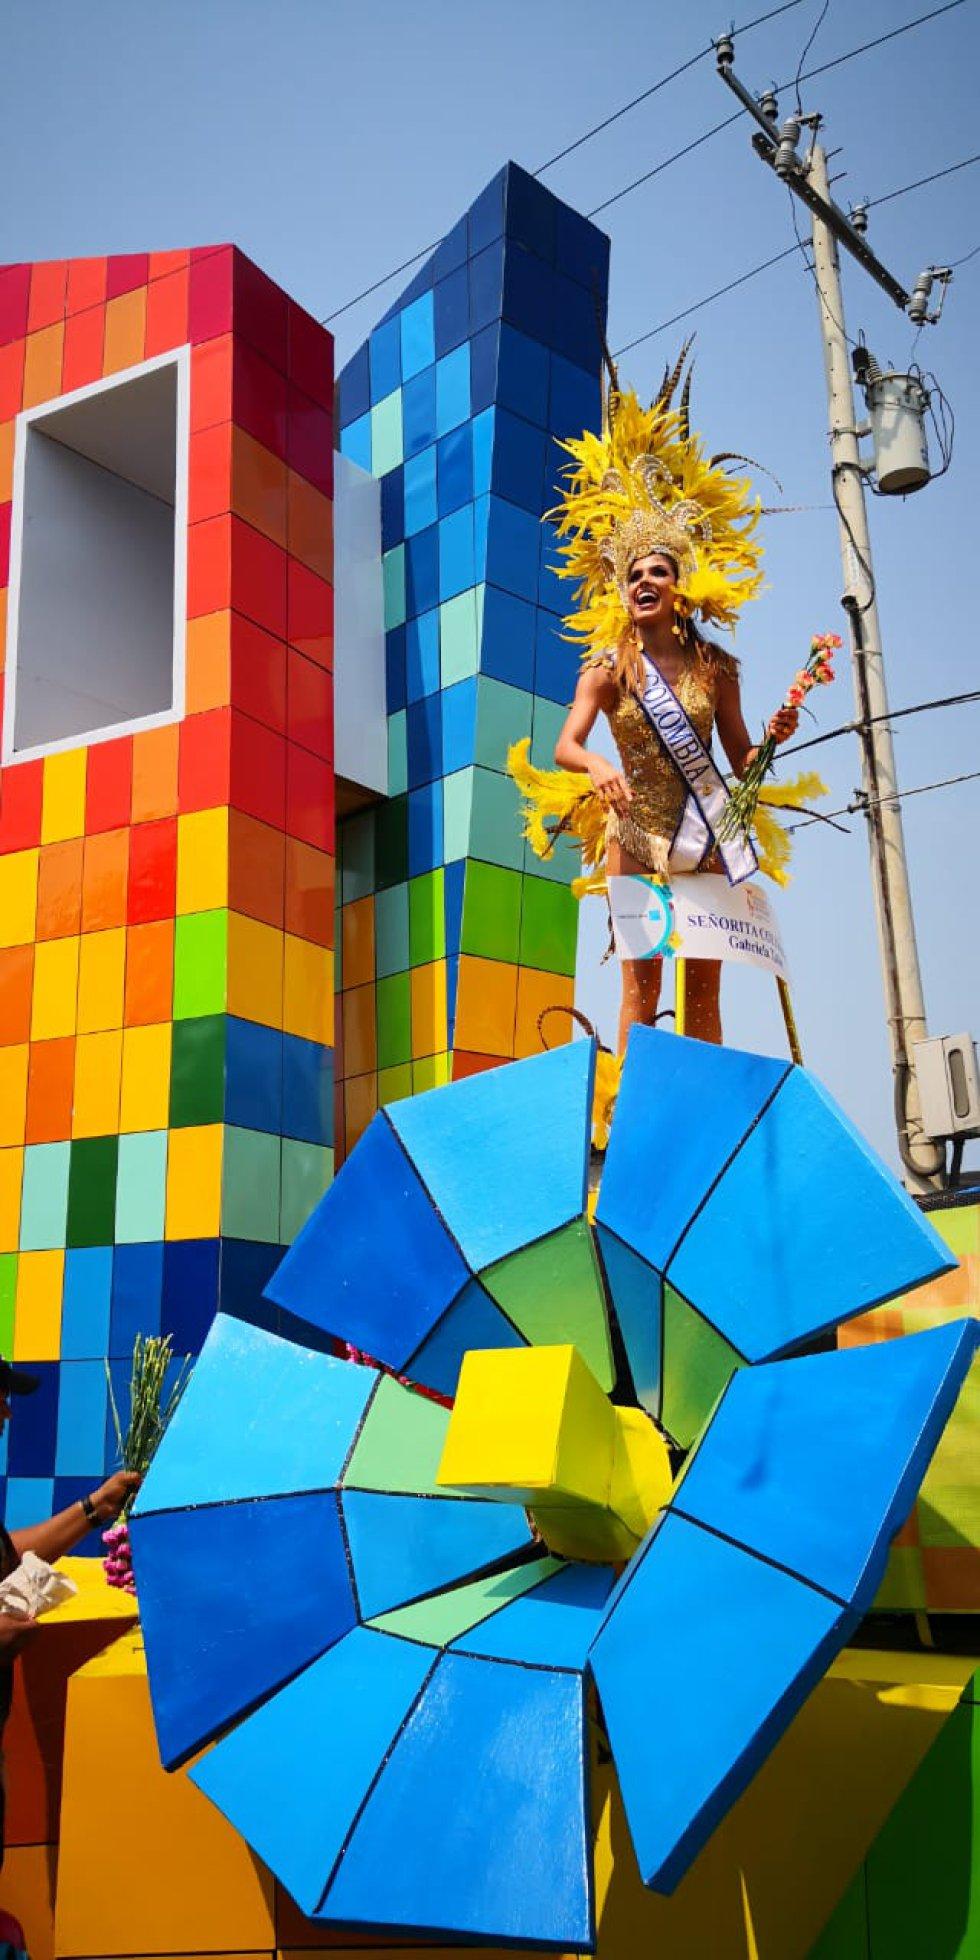 CARNAVAL DE barranquilla: Todos alegres disfrutando del Carnaval